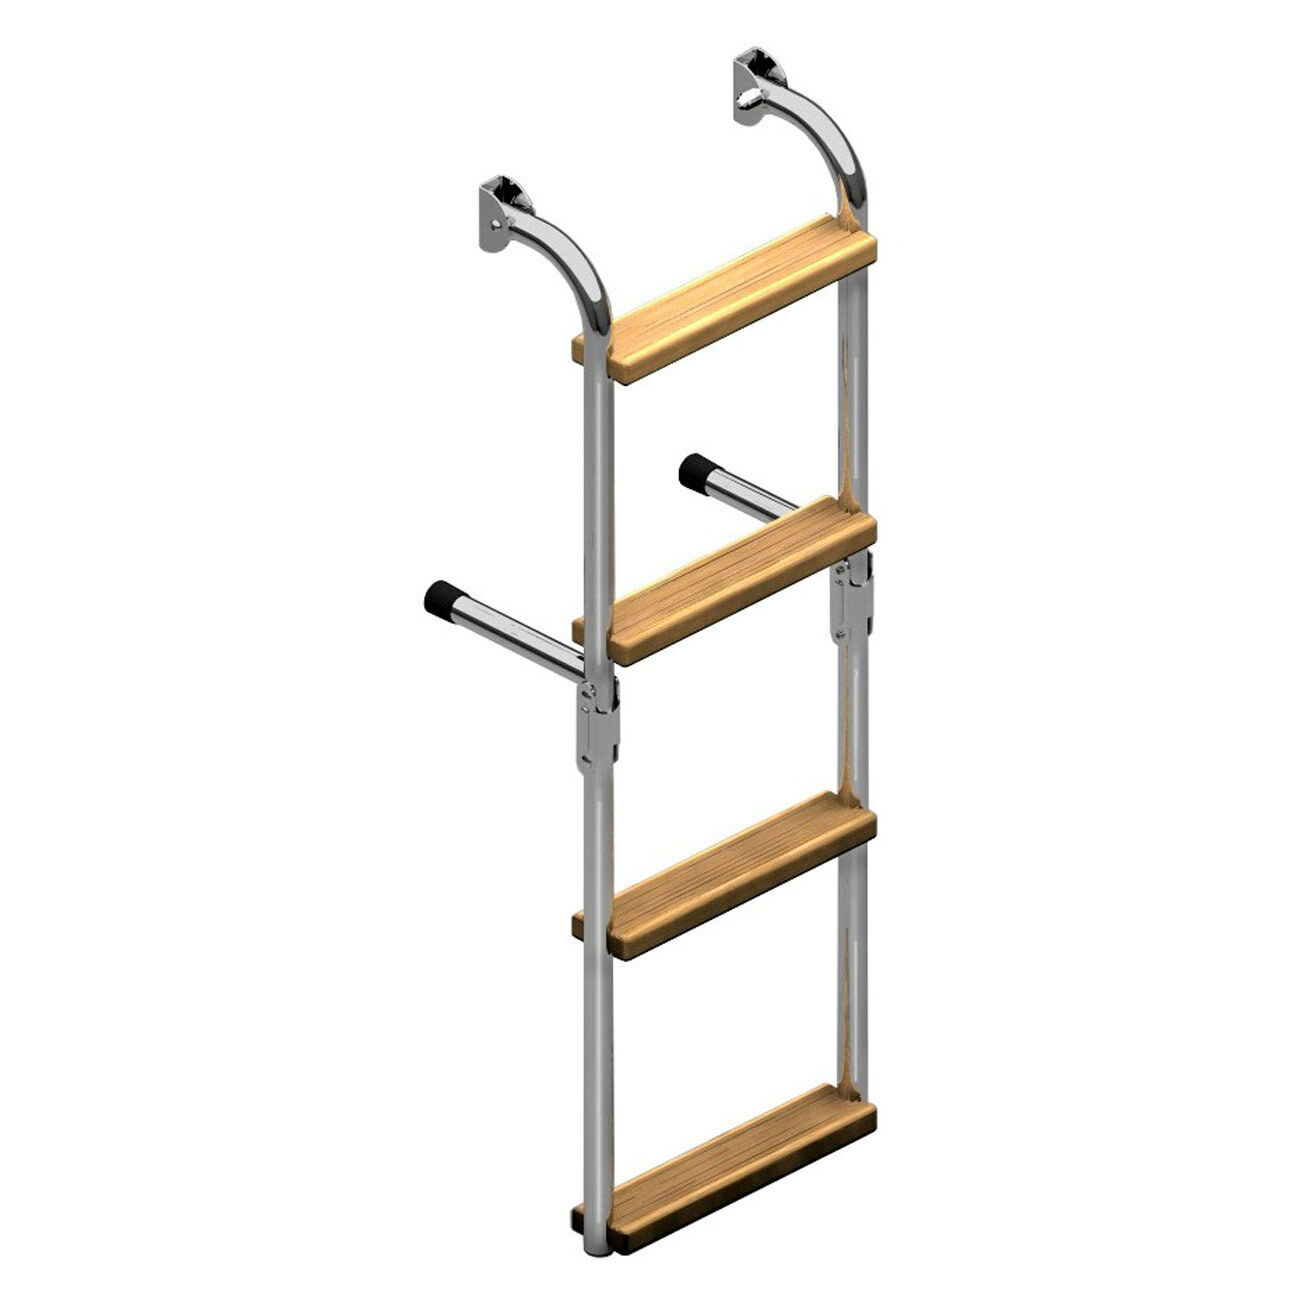 Nautinox Edelstahl Badeleiter fest montiert mit Iroko Stufen Stufen 3, 4, 5 Stufen Iroko Stiefel efa9a6